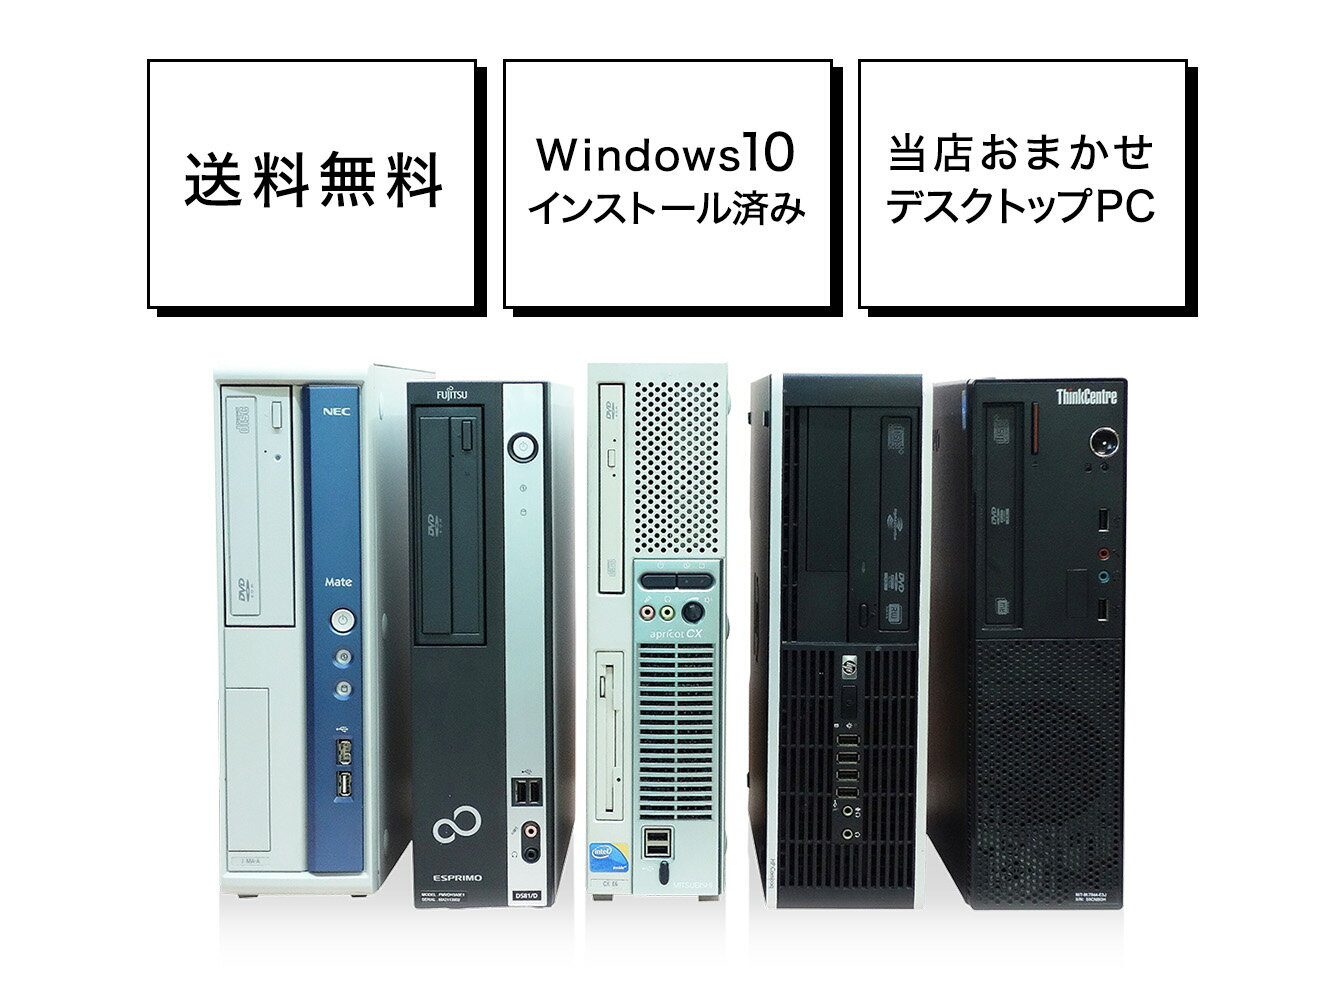 【Windows10】【100日間保証】Celeron(または相当のAMD等)以上 メモリ 2GB HDD 160GB〜2TB Windows10 機種おまかせ【中古】【送料無料】中古パソコン デスクトップ Intel 最新OS